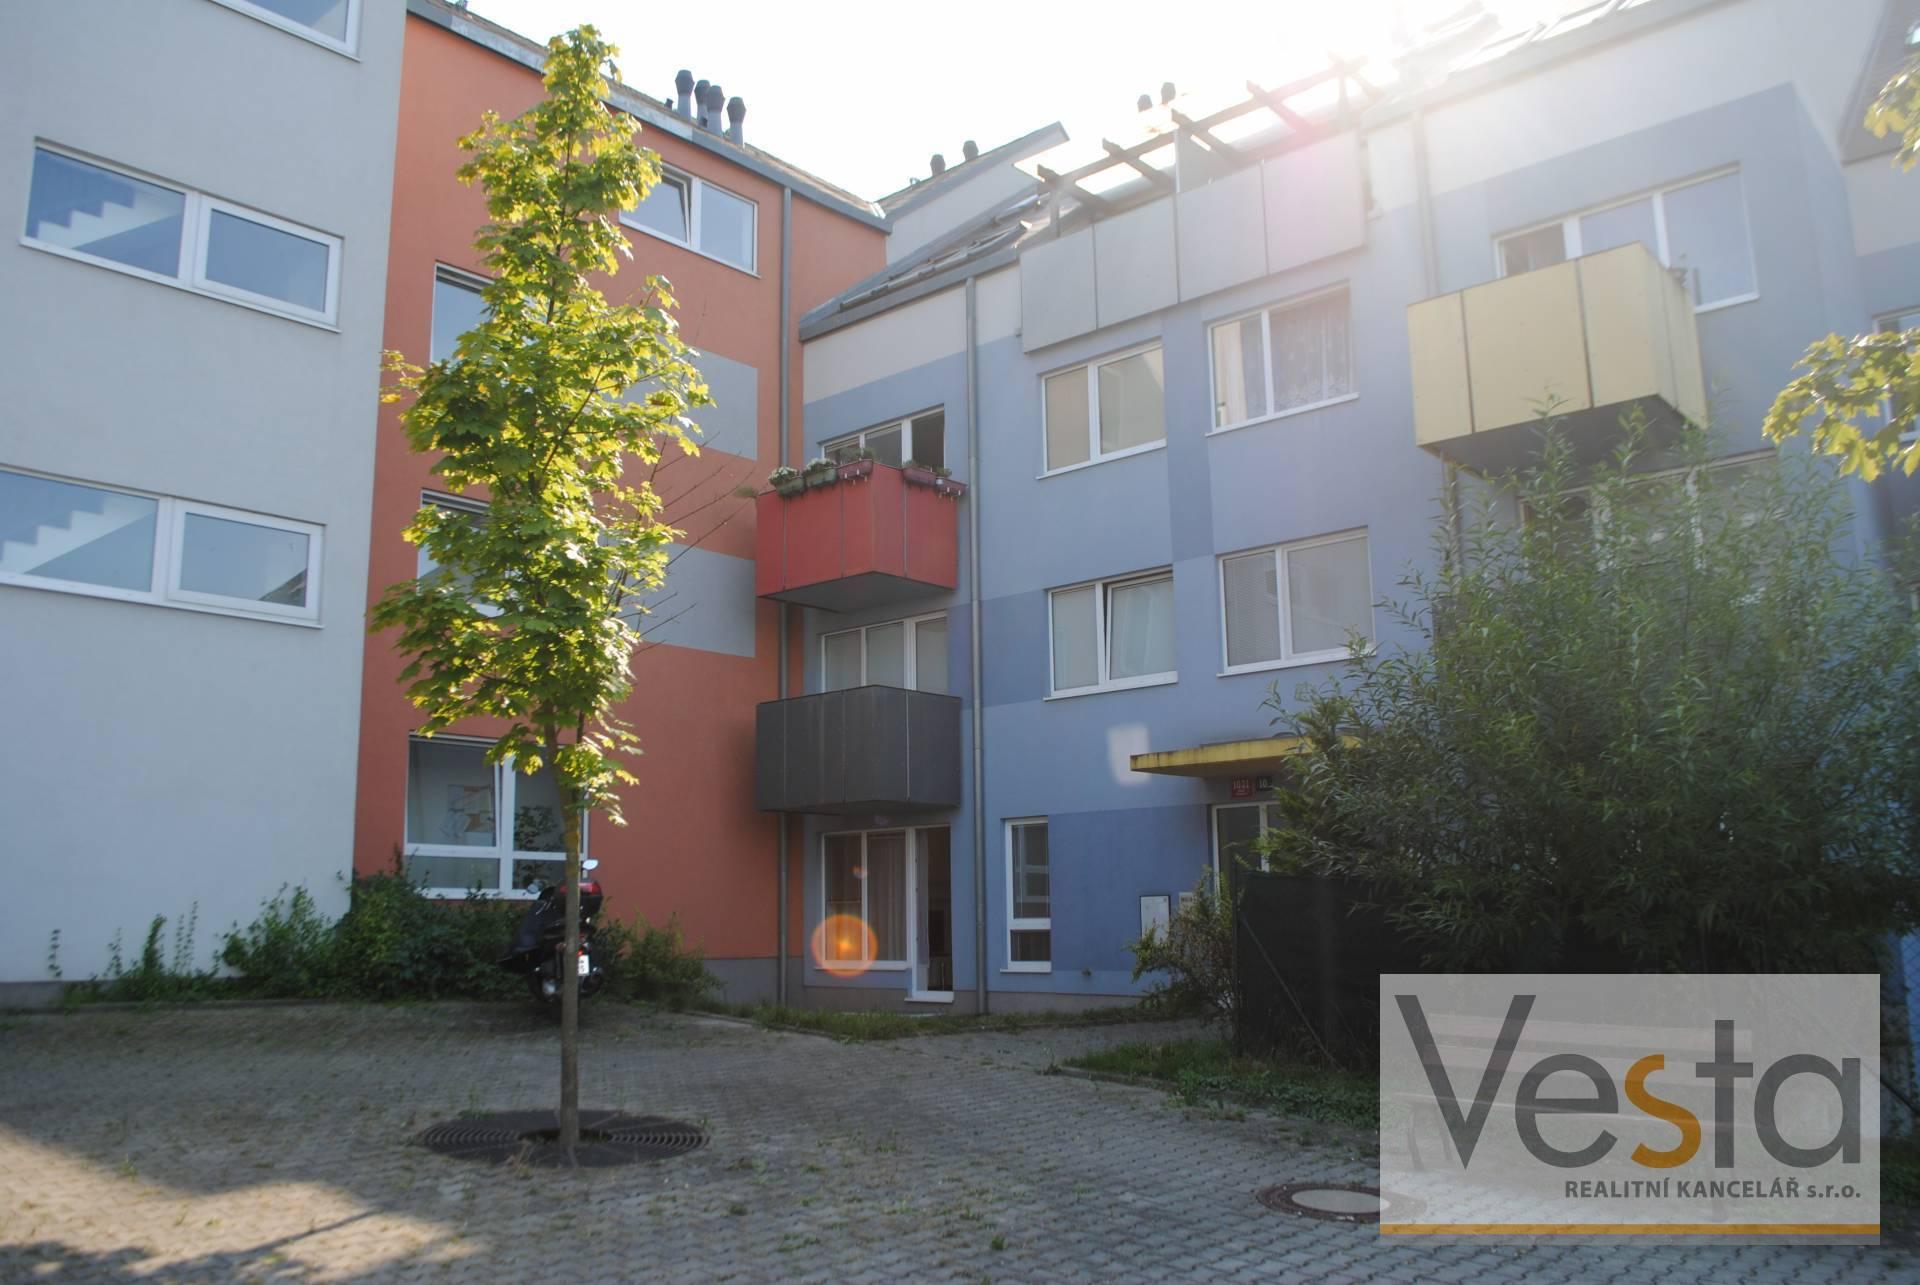 Prostorný byt 1+ KK se zahrádkou a garážovým stáním